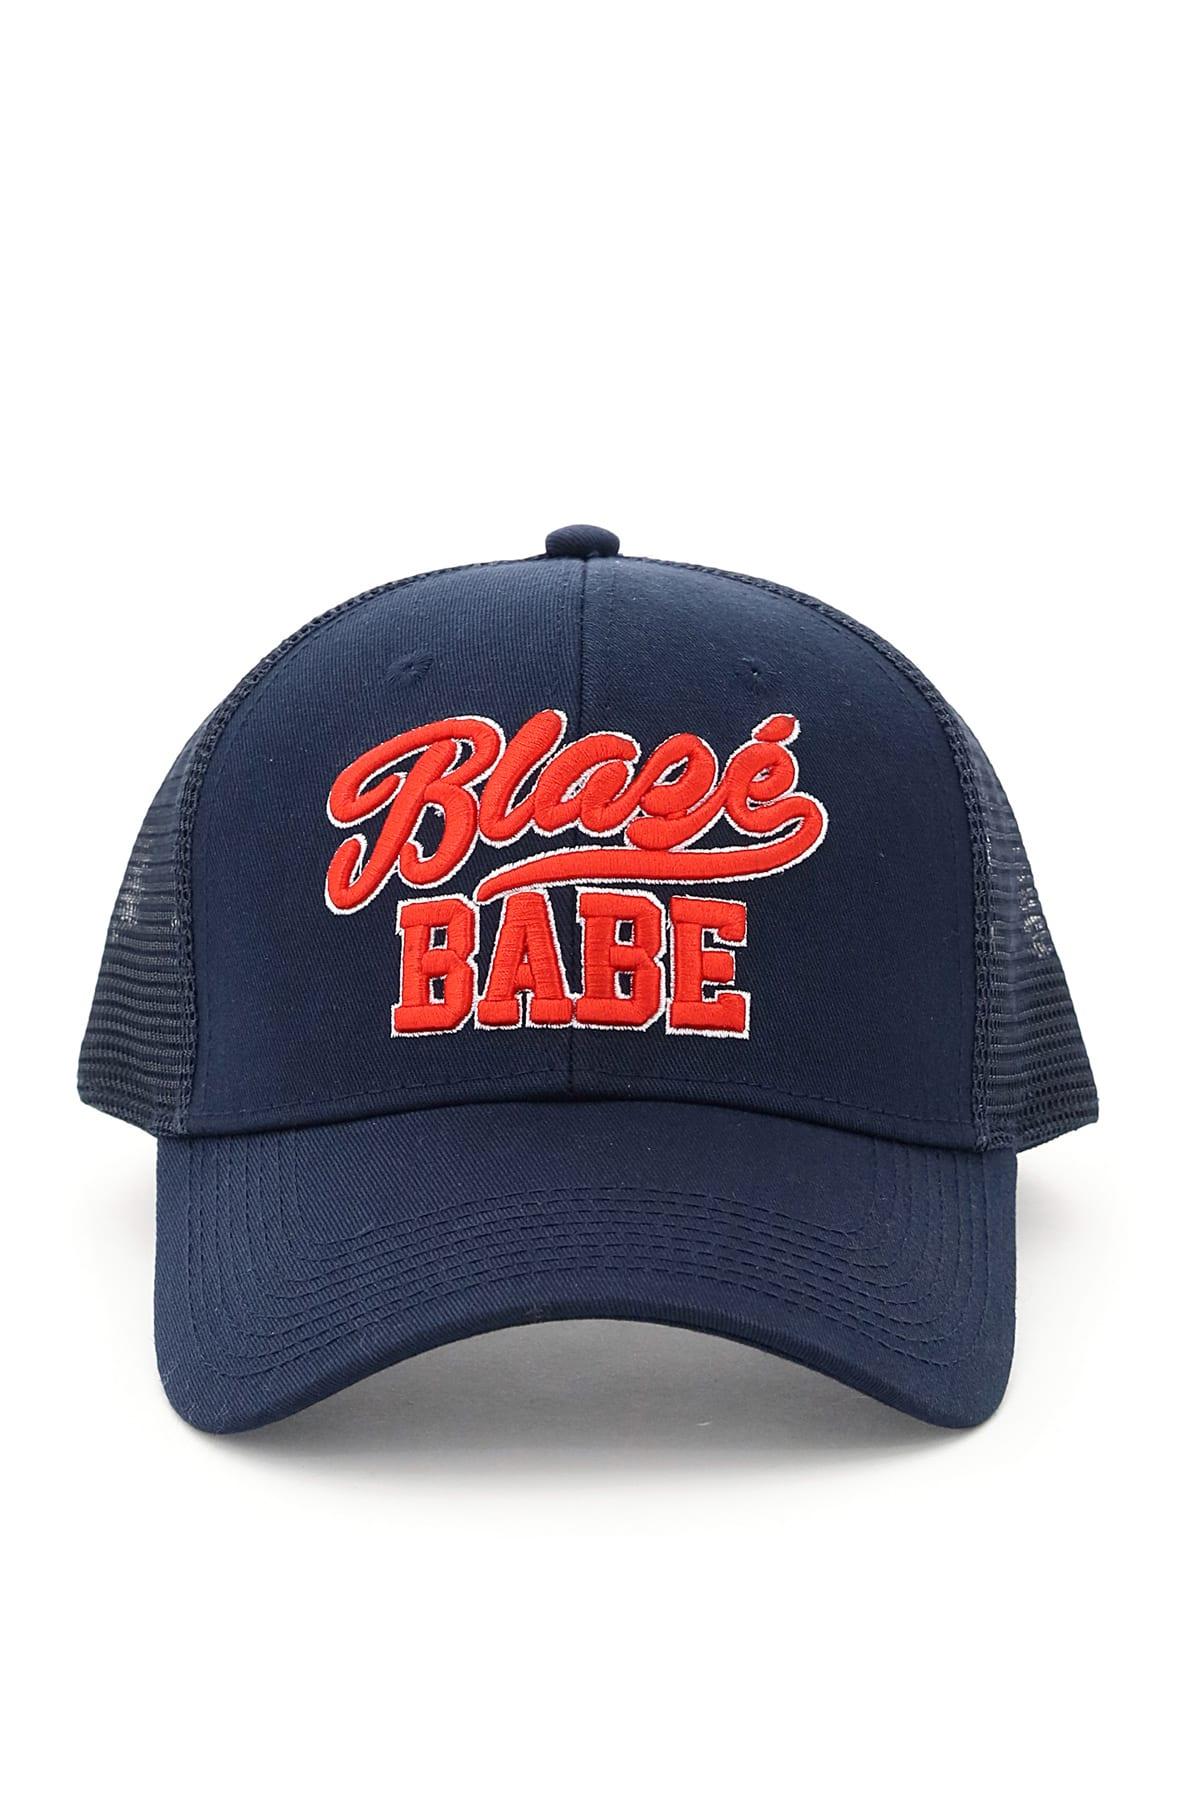 Blazé Milano Accessories BASEBALL CAP BLAZE BABE EMBROIDERY